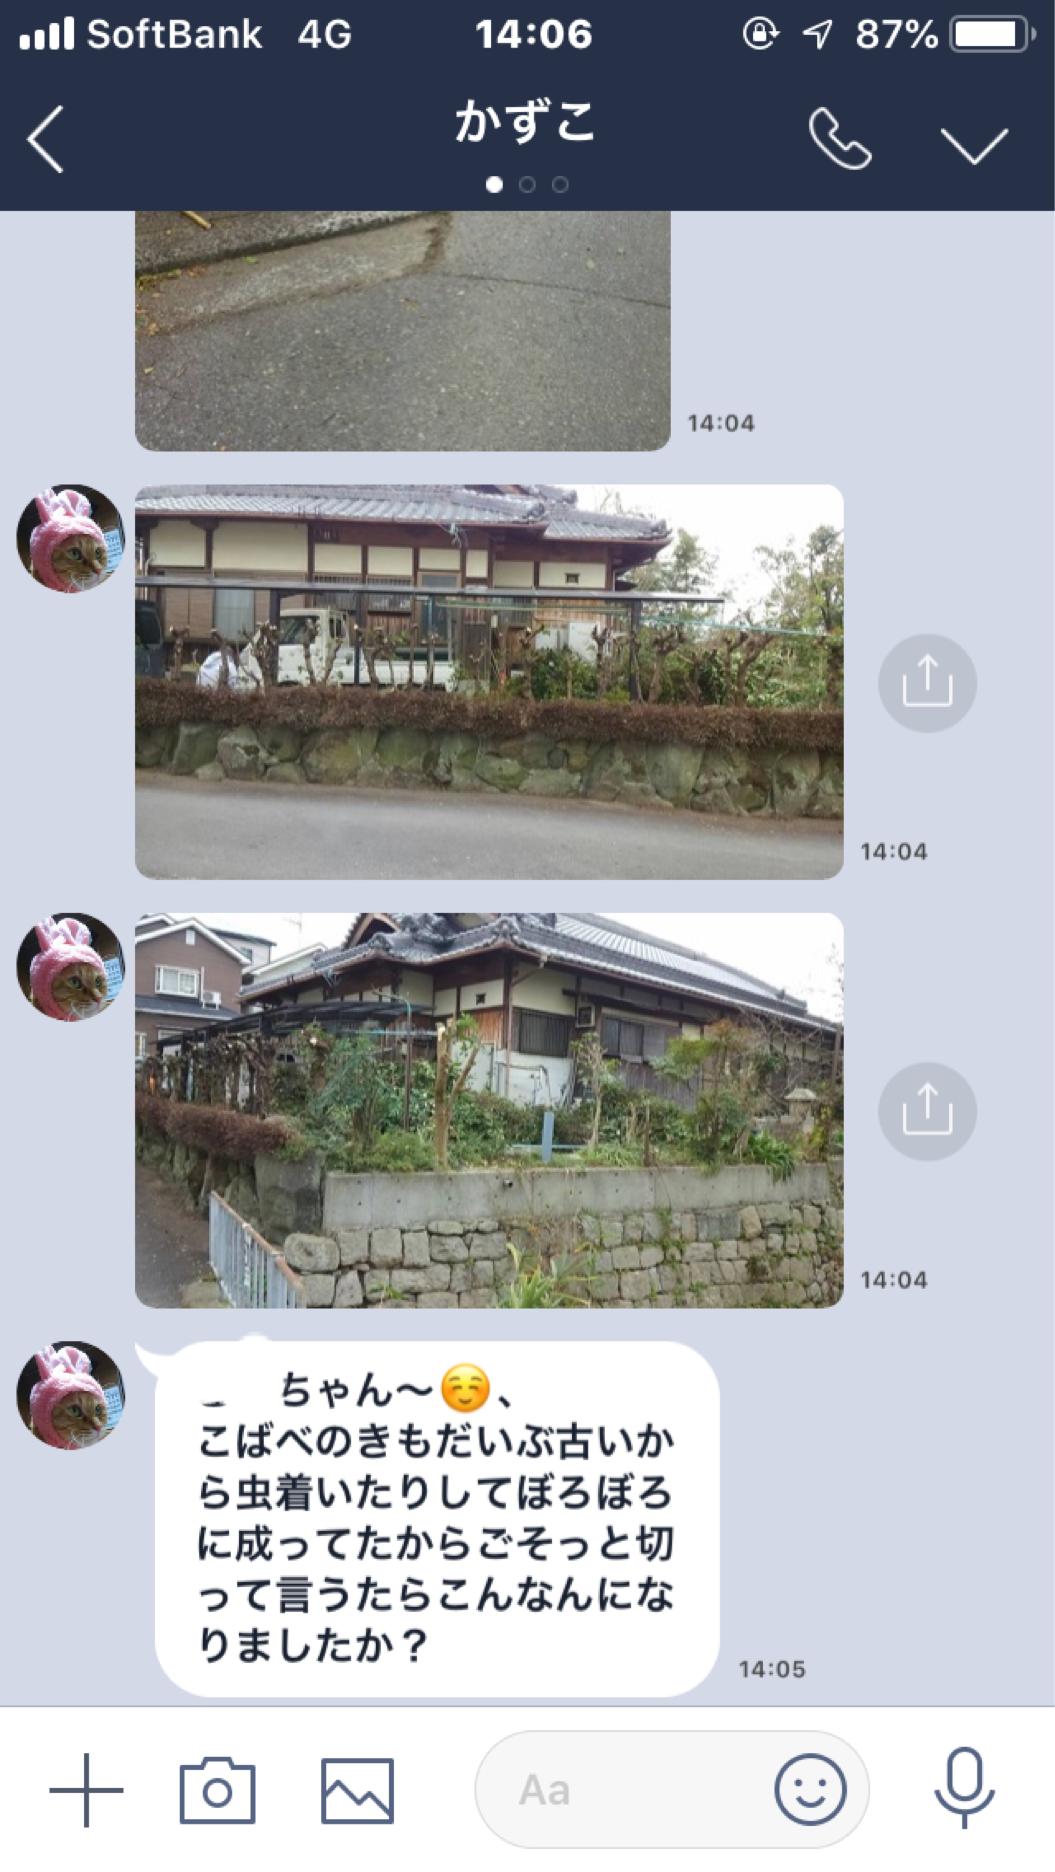 f:id:sakasun:20181219153137p:image